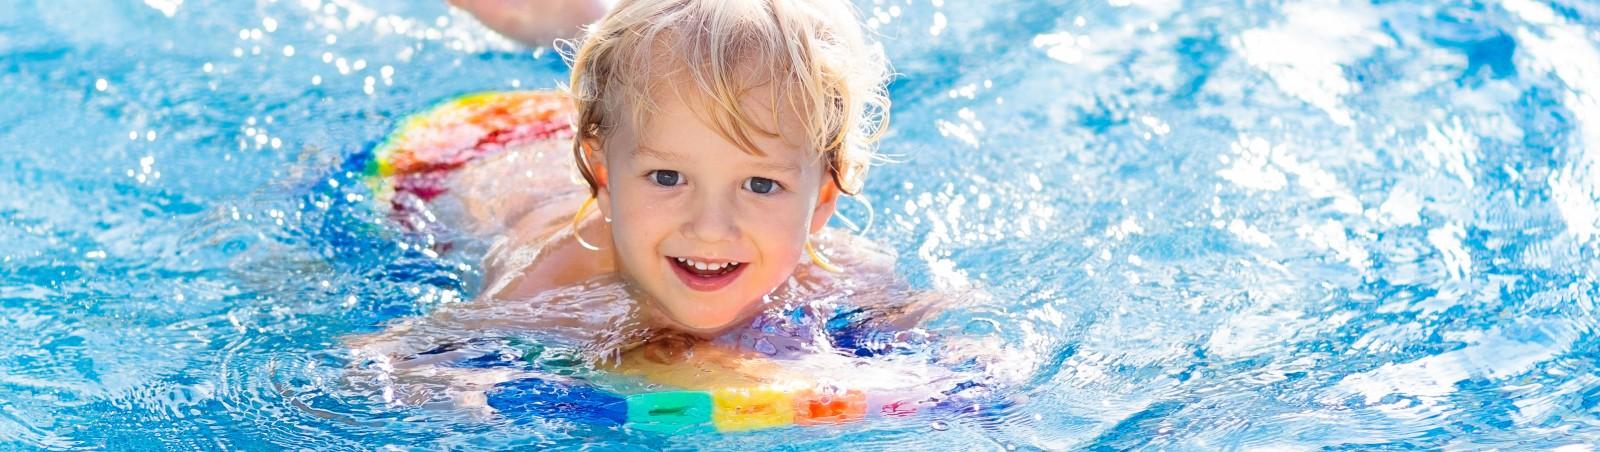 Kleiner Junge beim Schwimmkurs im Stadtbad Landshut